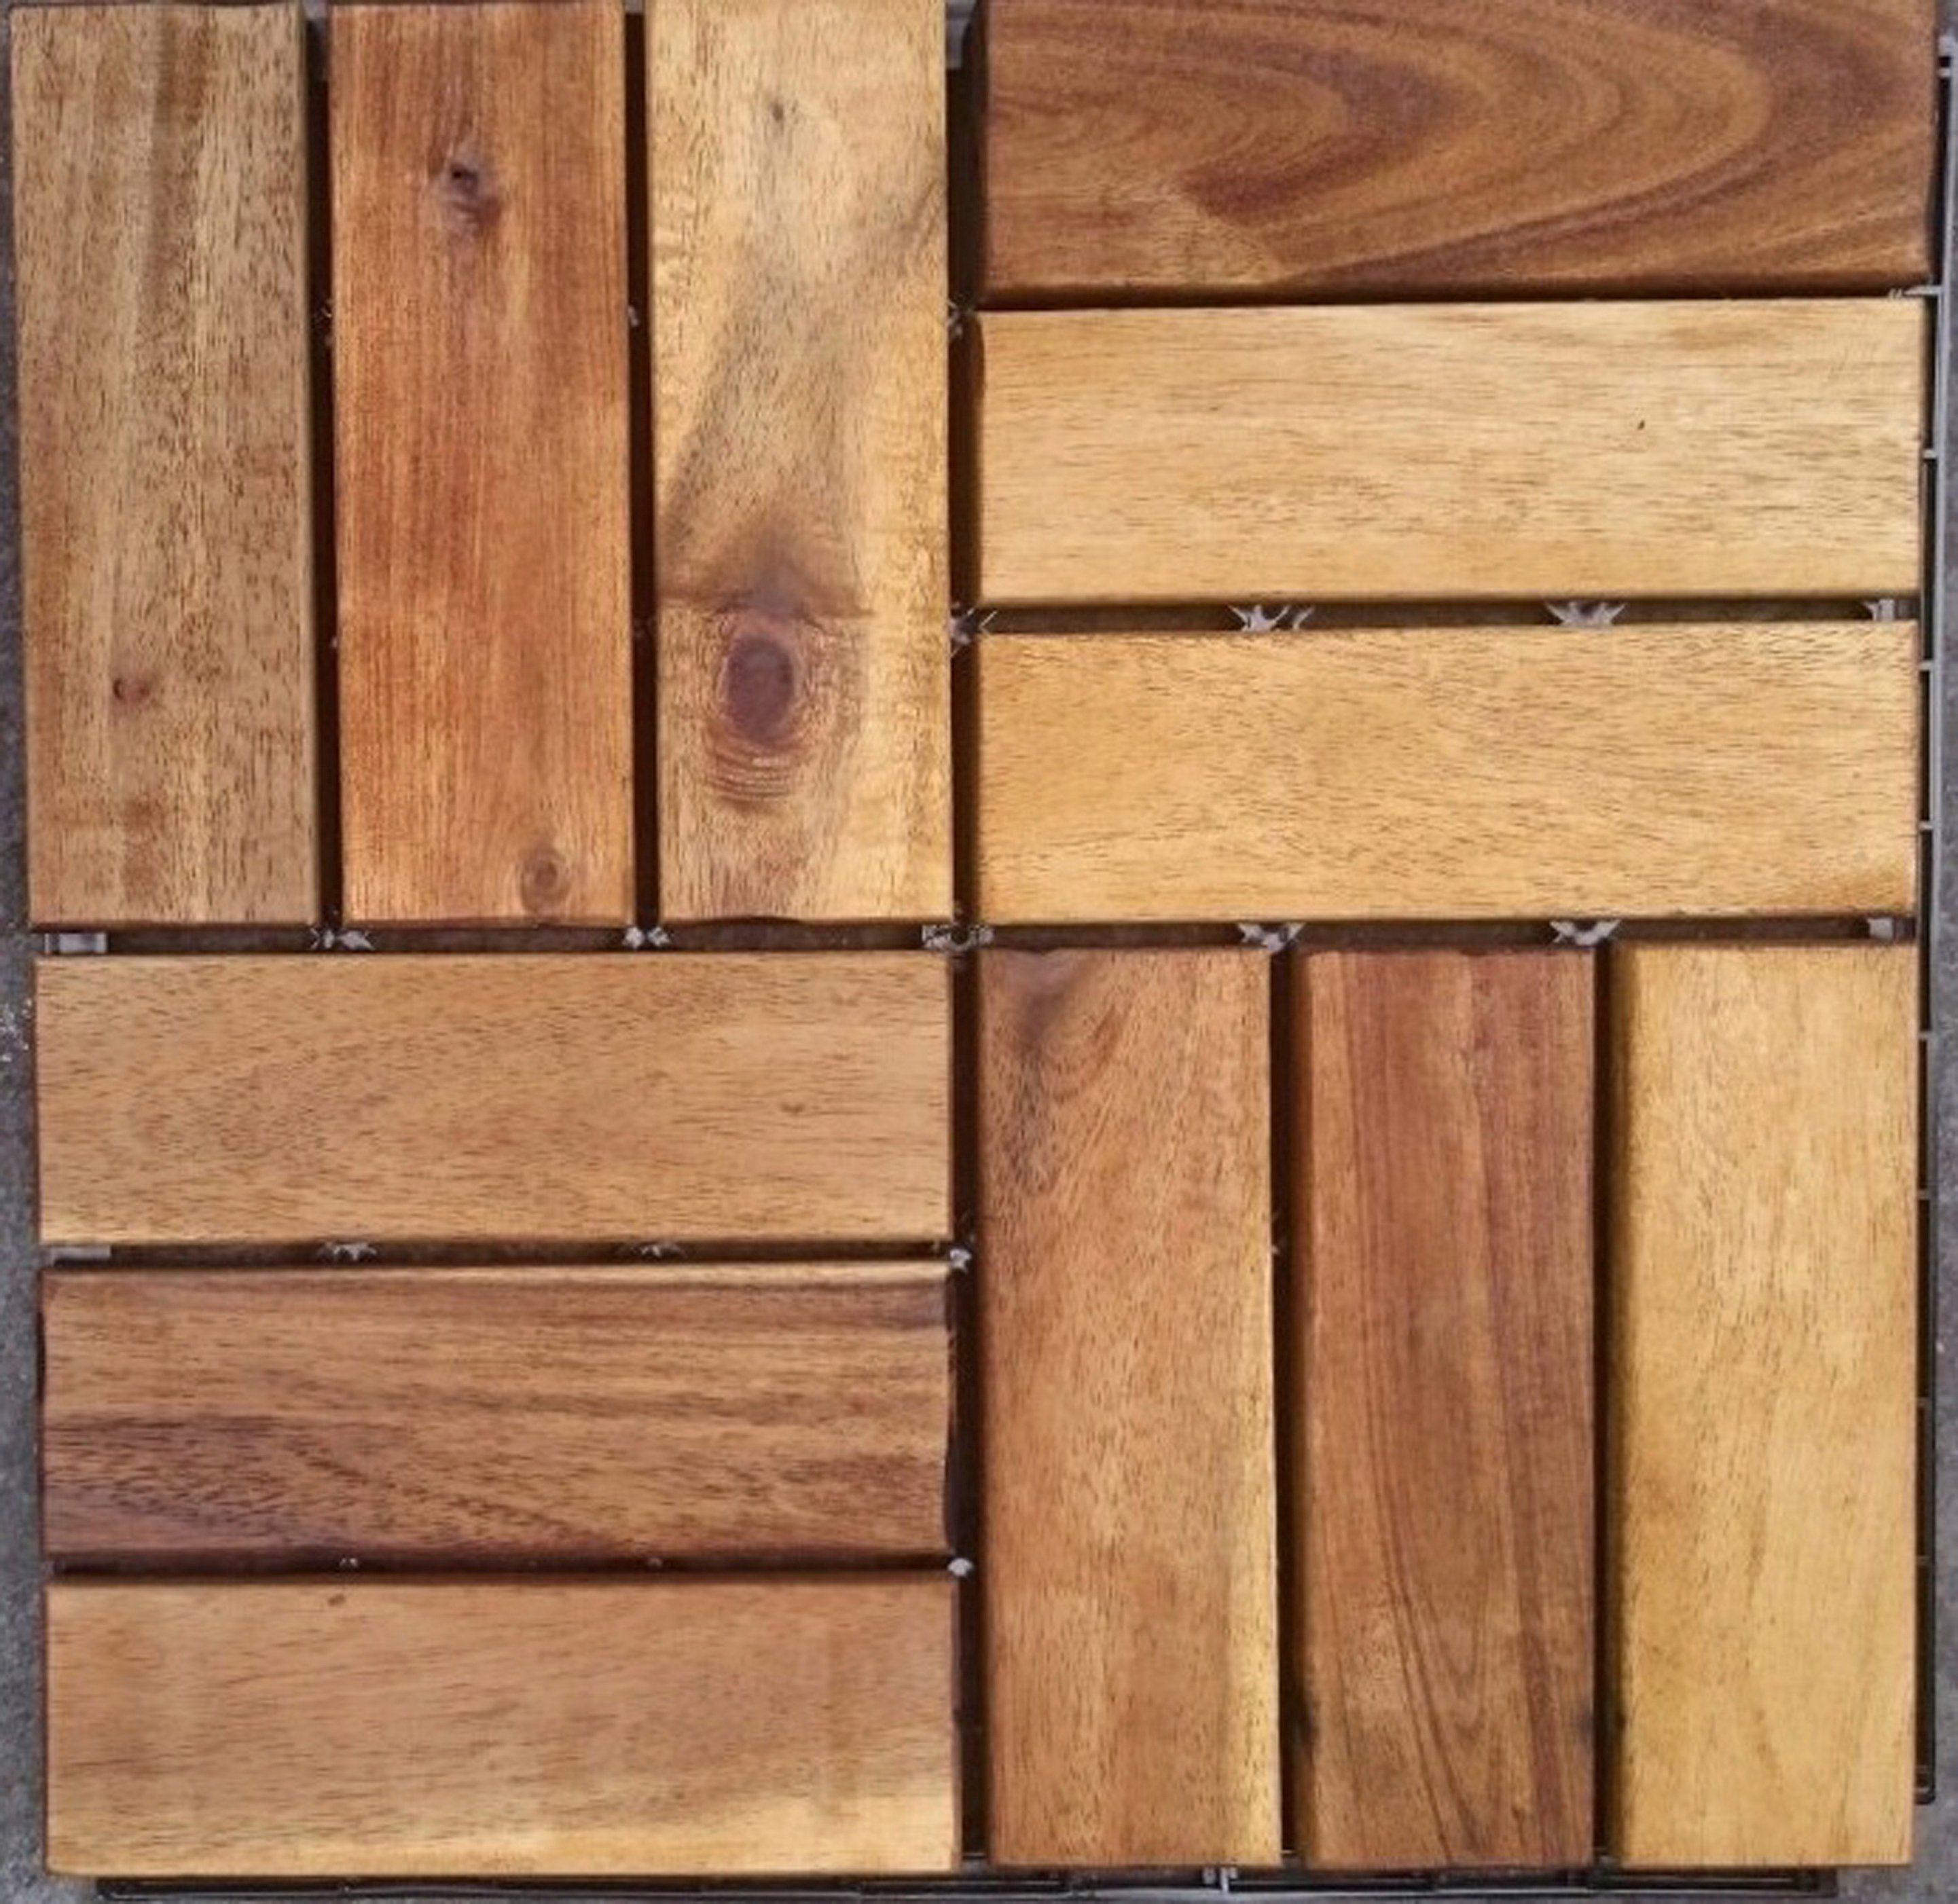 Merxx Holz-Fliesen »Akazie« mit Klick-Verbindung,, Fläche: 3,6 m²/Paket, braun